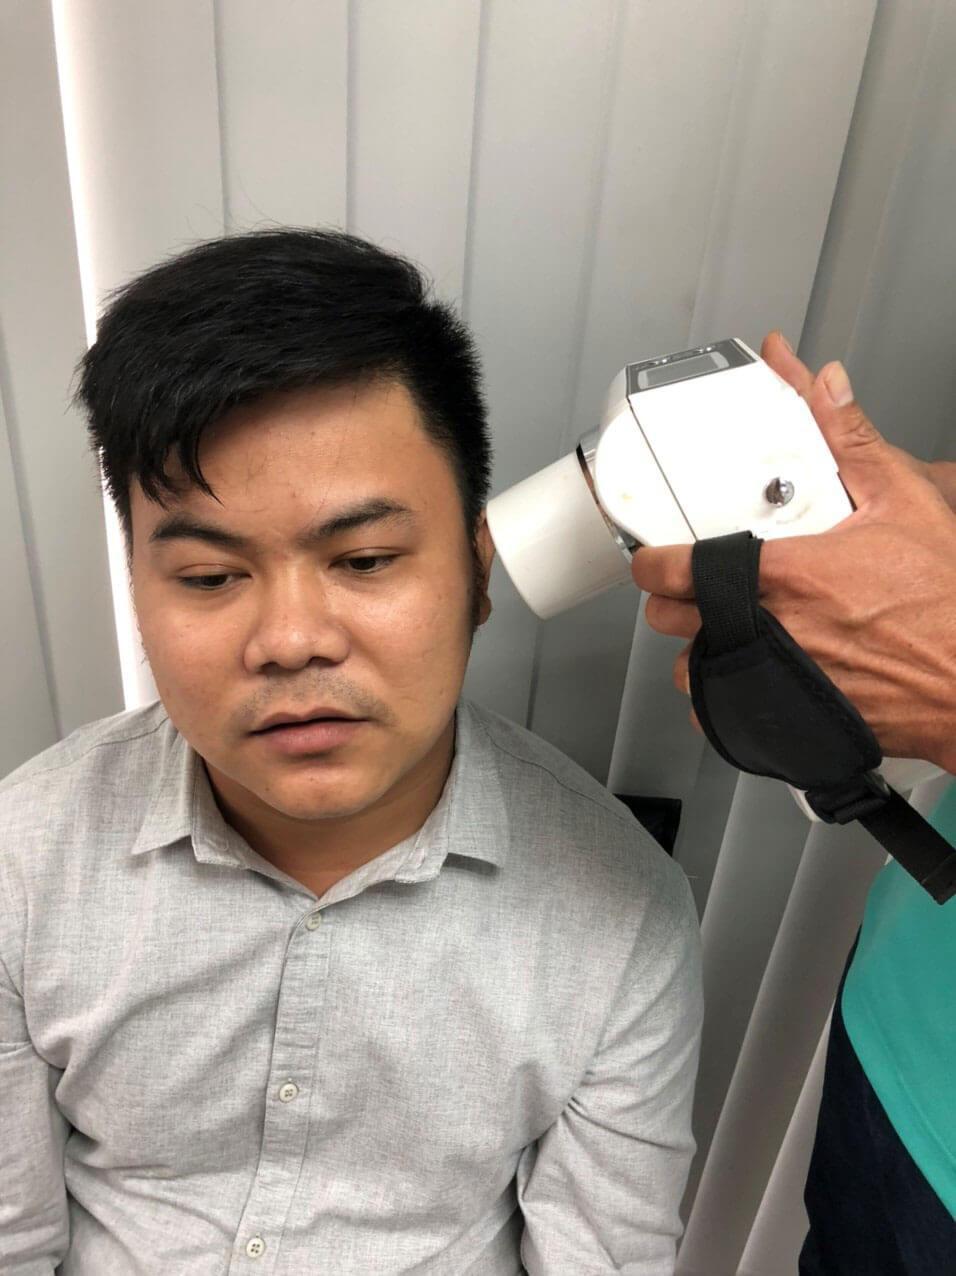 chụp-x-quang-răng-cối-hàm-trên-genoray